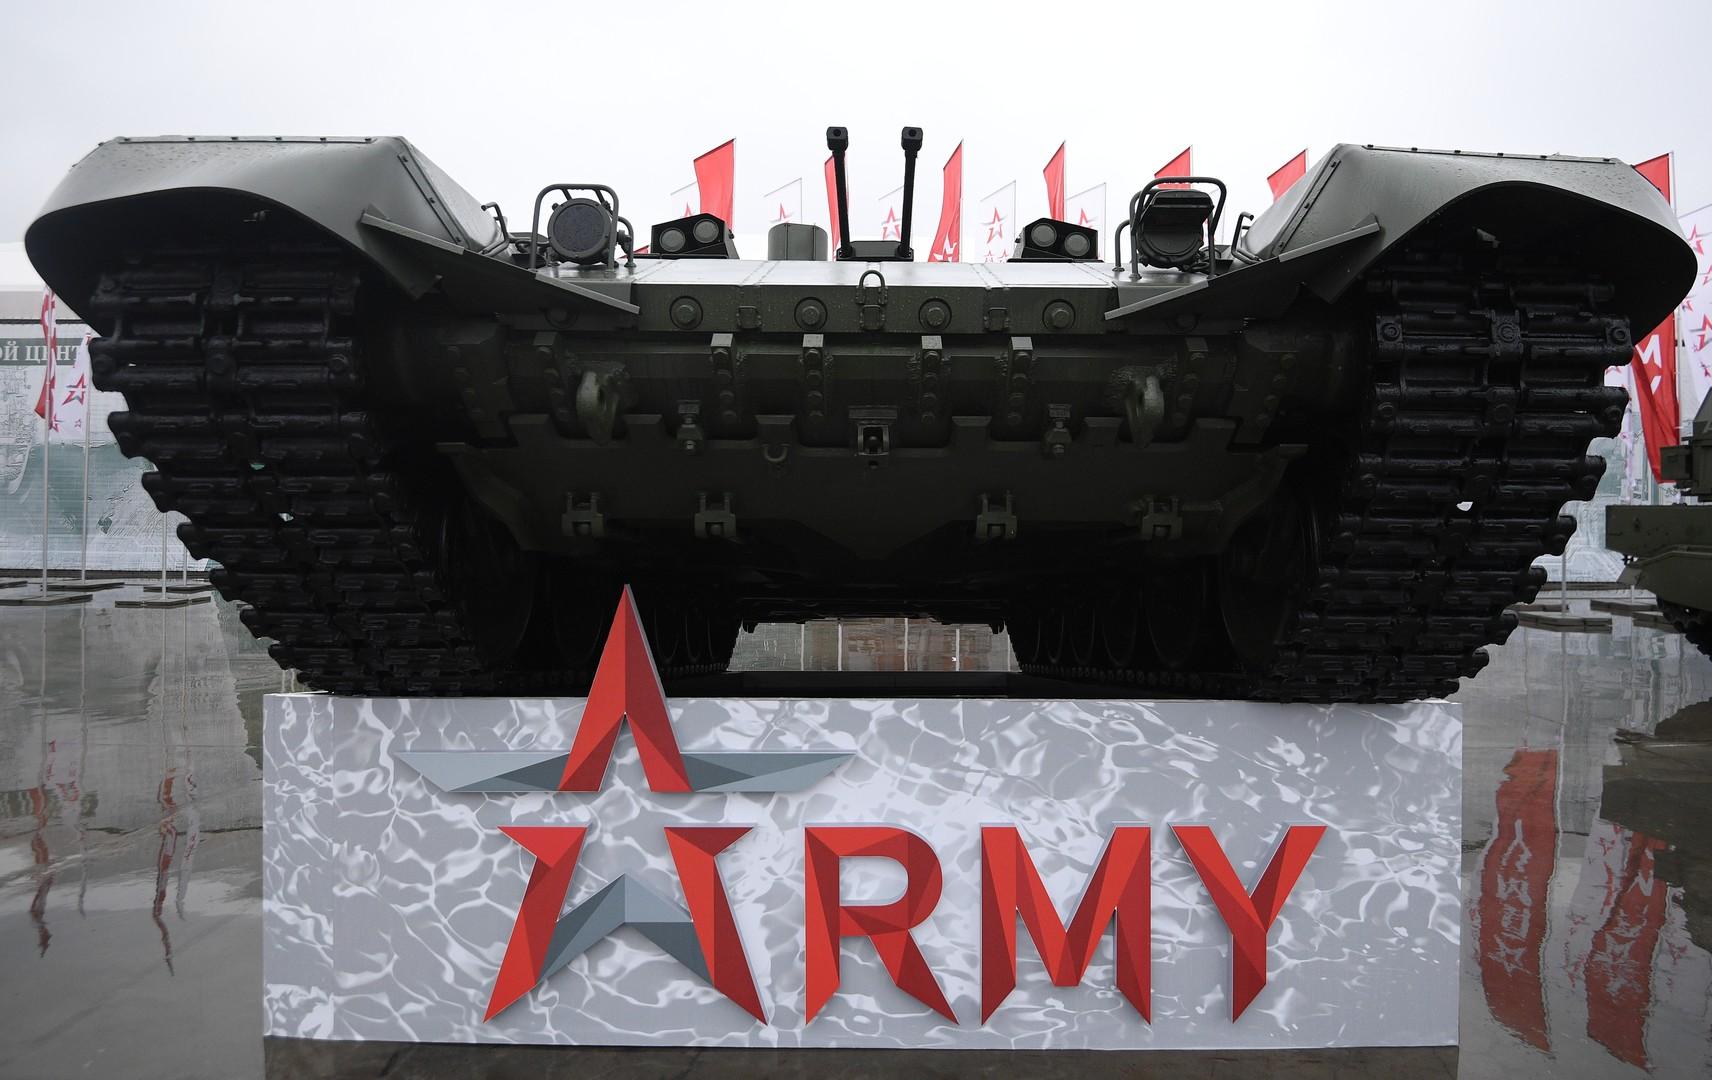 الدفاع الروسية تبرم عقودا بـ16 مليار دولار خلال منتدى